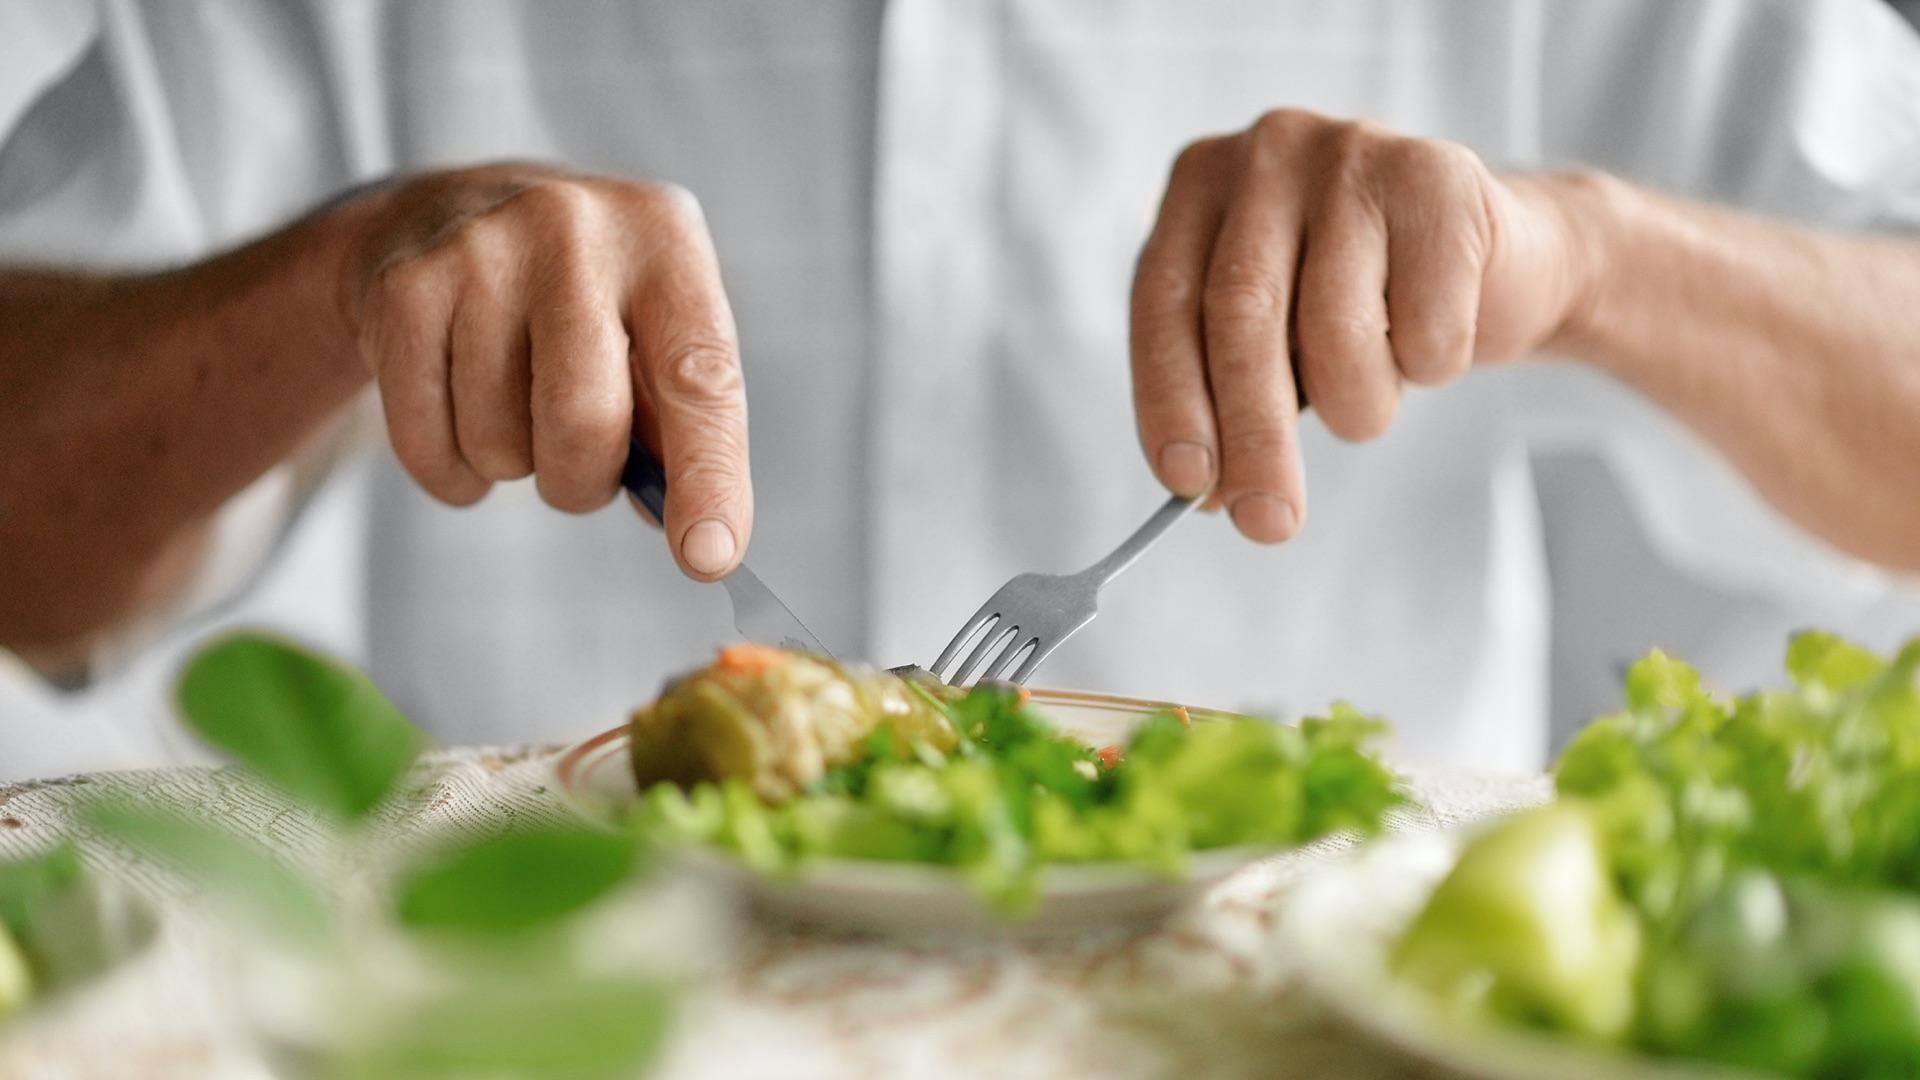 Ältere Person nimmt eine warme Mahlzeit zu sich